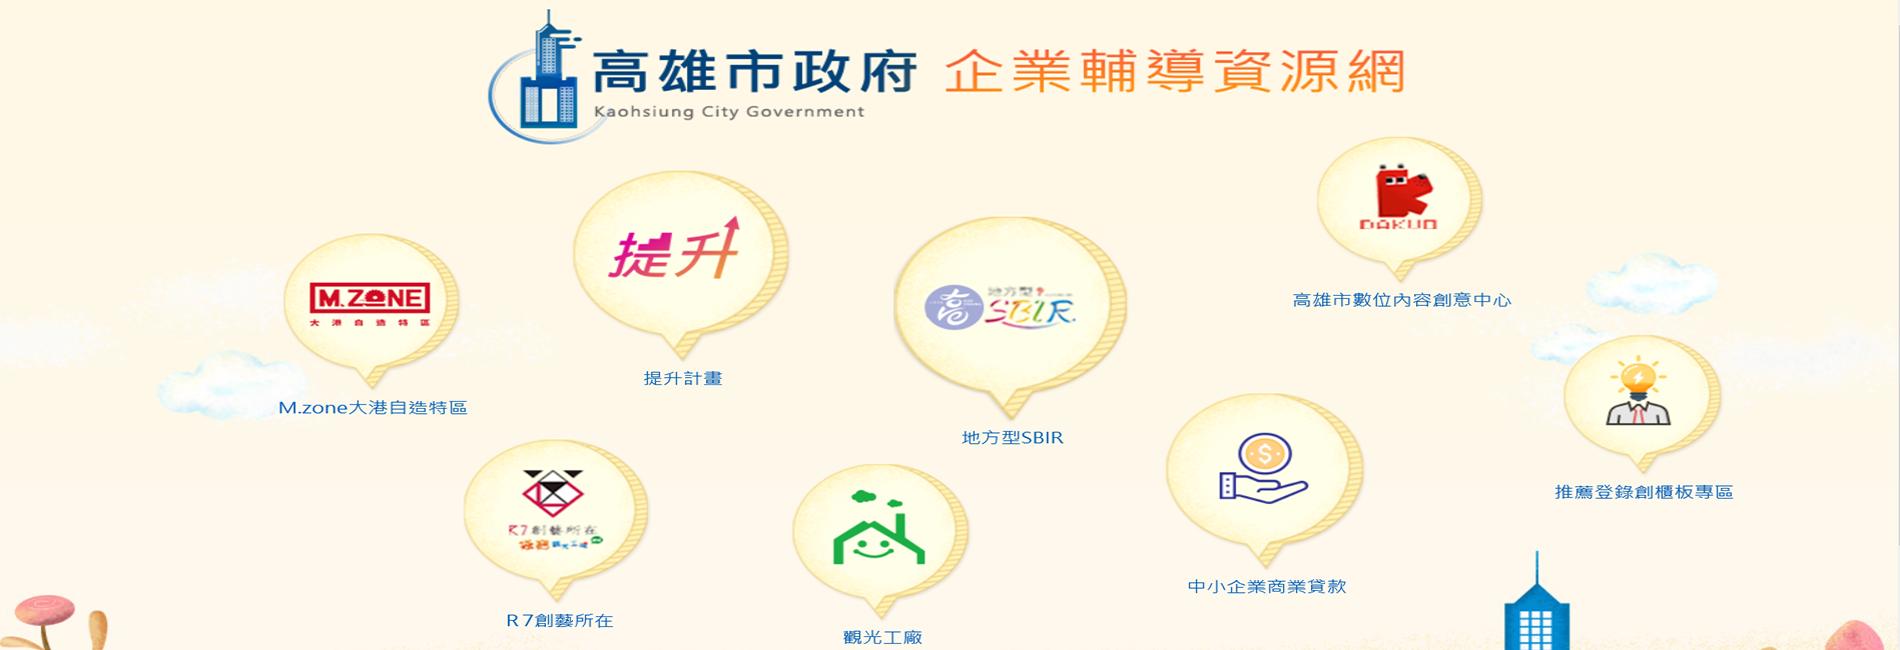 高雄市政府企業輔導資源網